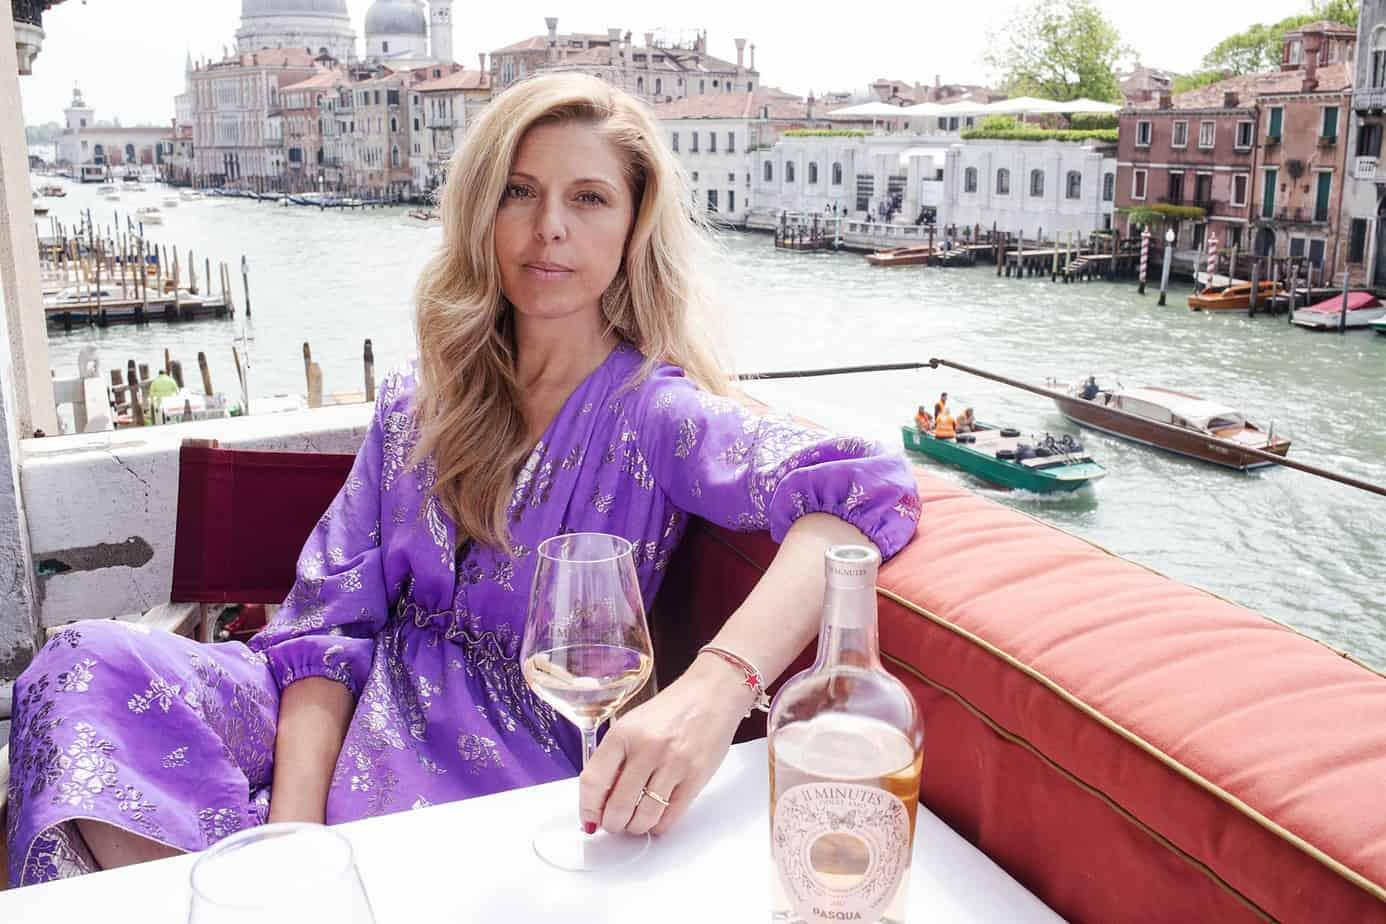 Venezia_BiennaleVenezia_FrancescaBandiera_stilllife-6705